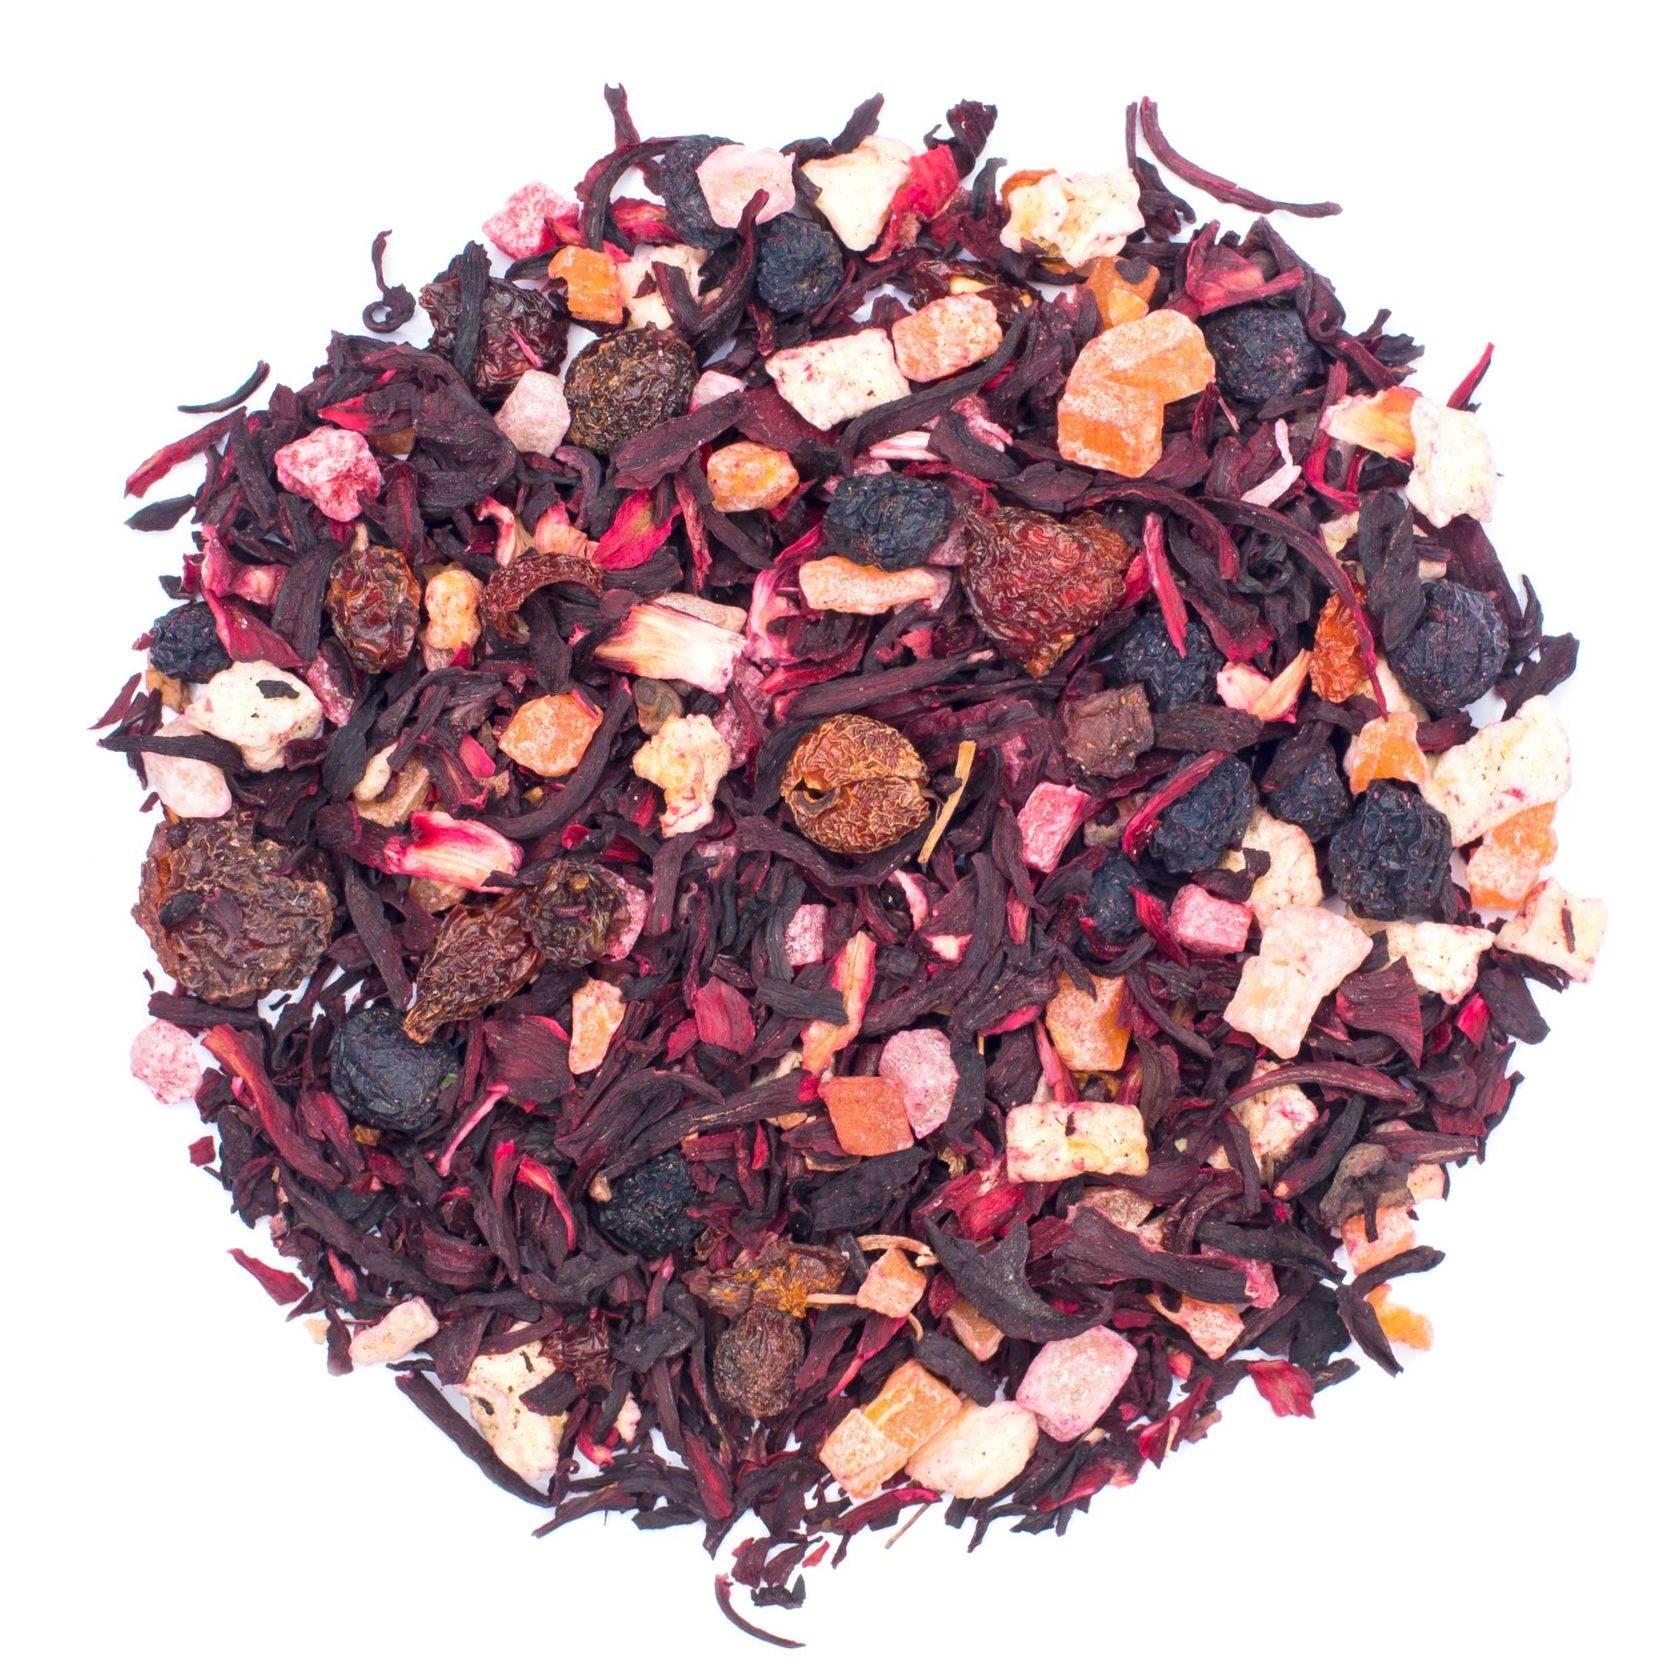 Чай «наглый фрукт» — ароматный напиток с неповторимым вкусом